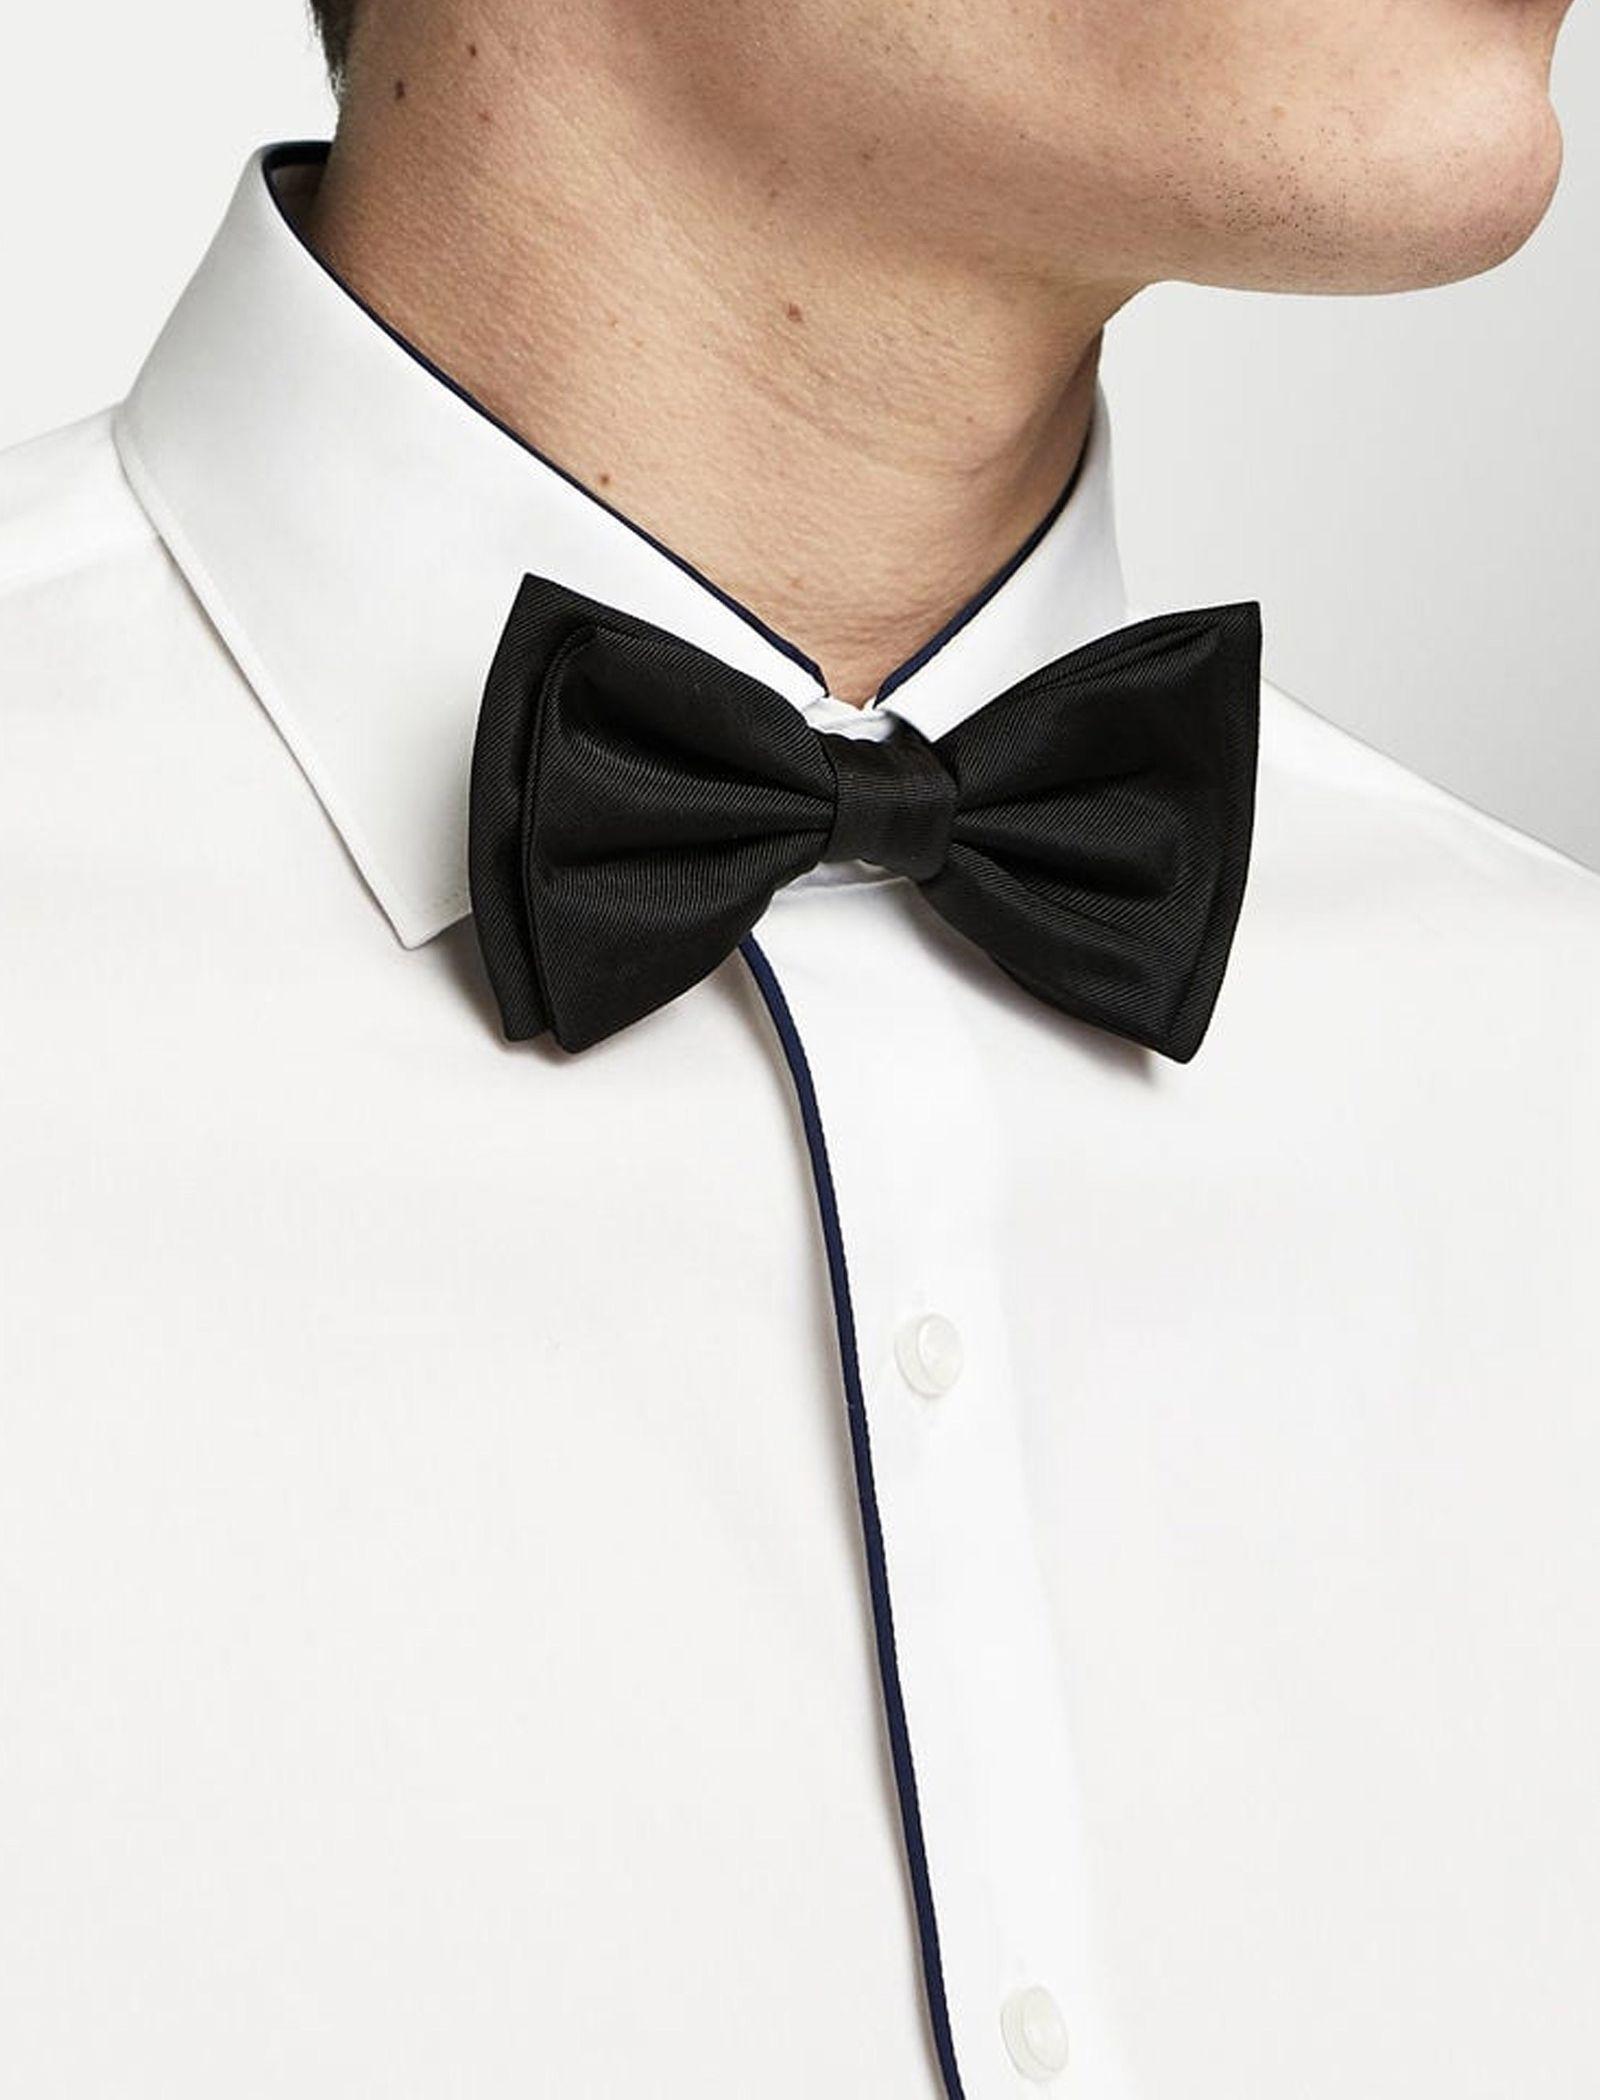 پیراهن نخی آستین بلند مردانه - مانگو - سفيد - 8